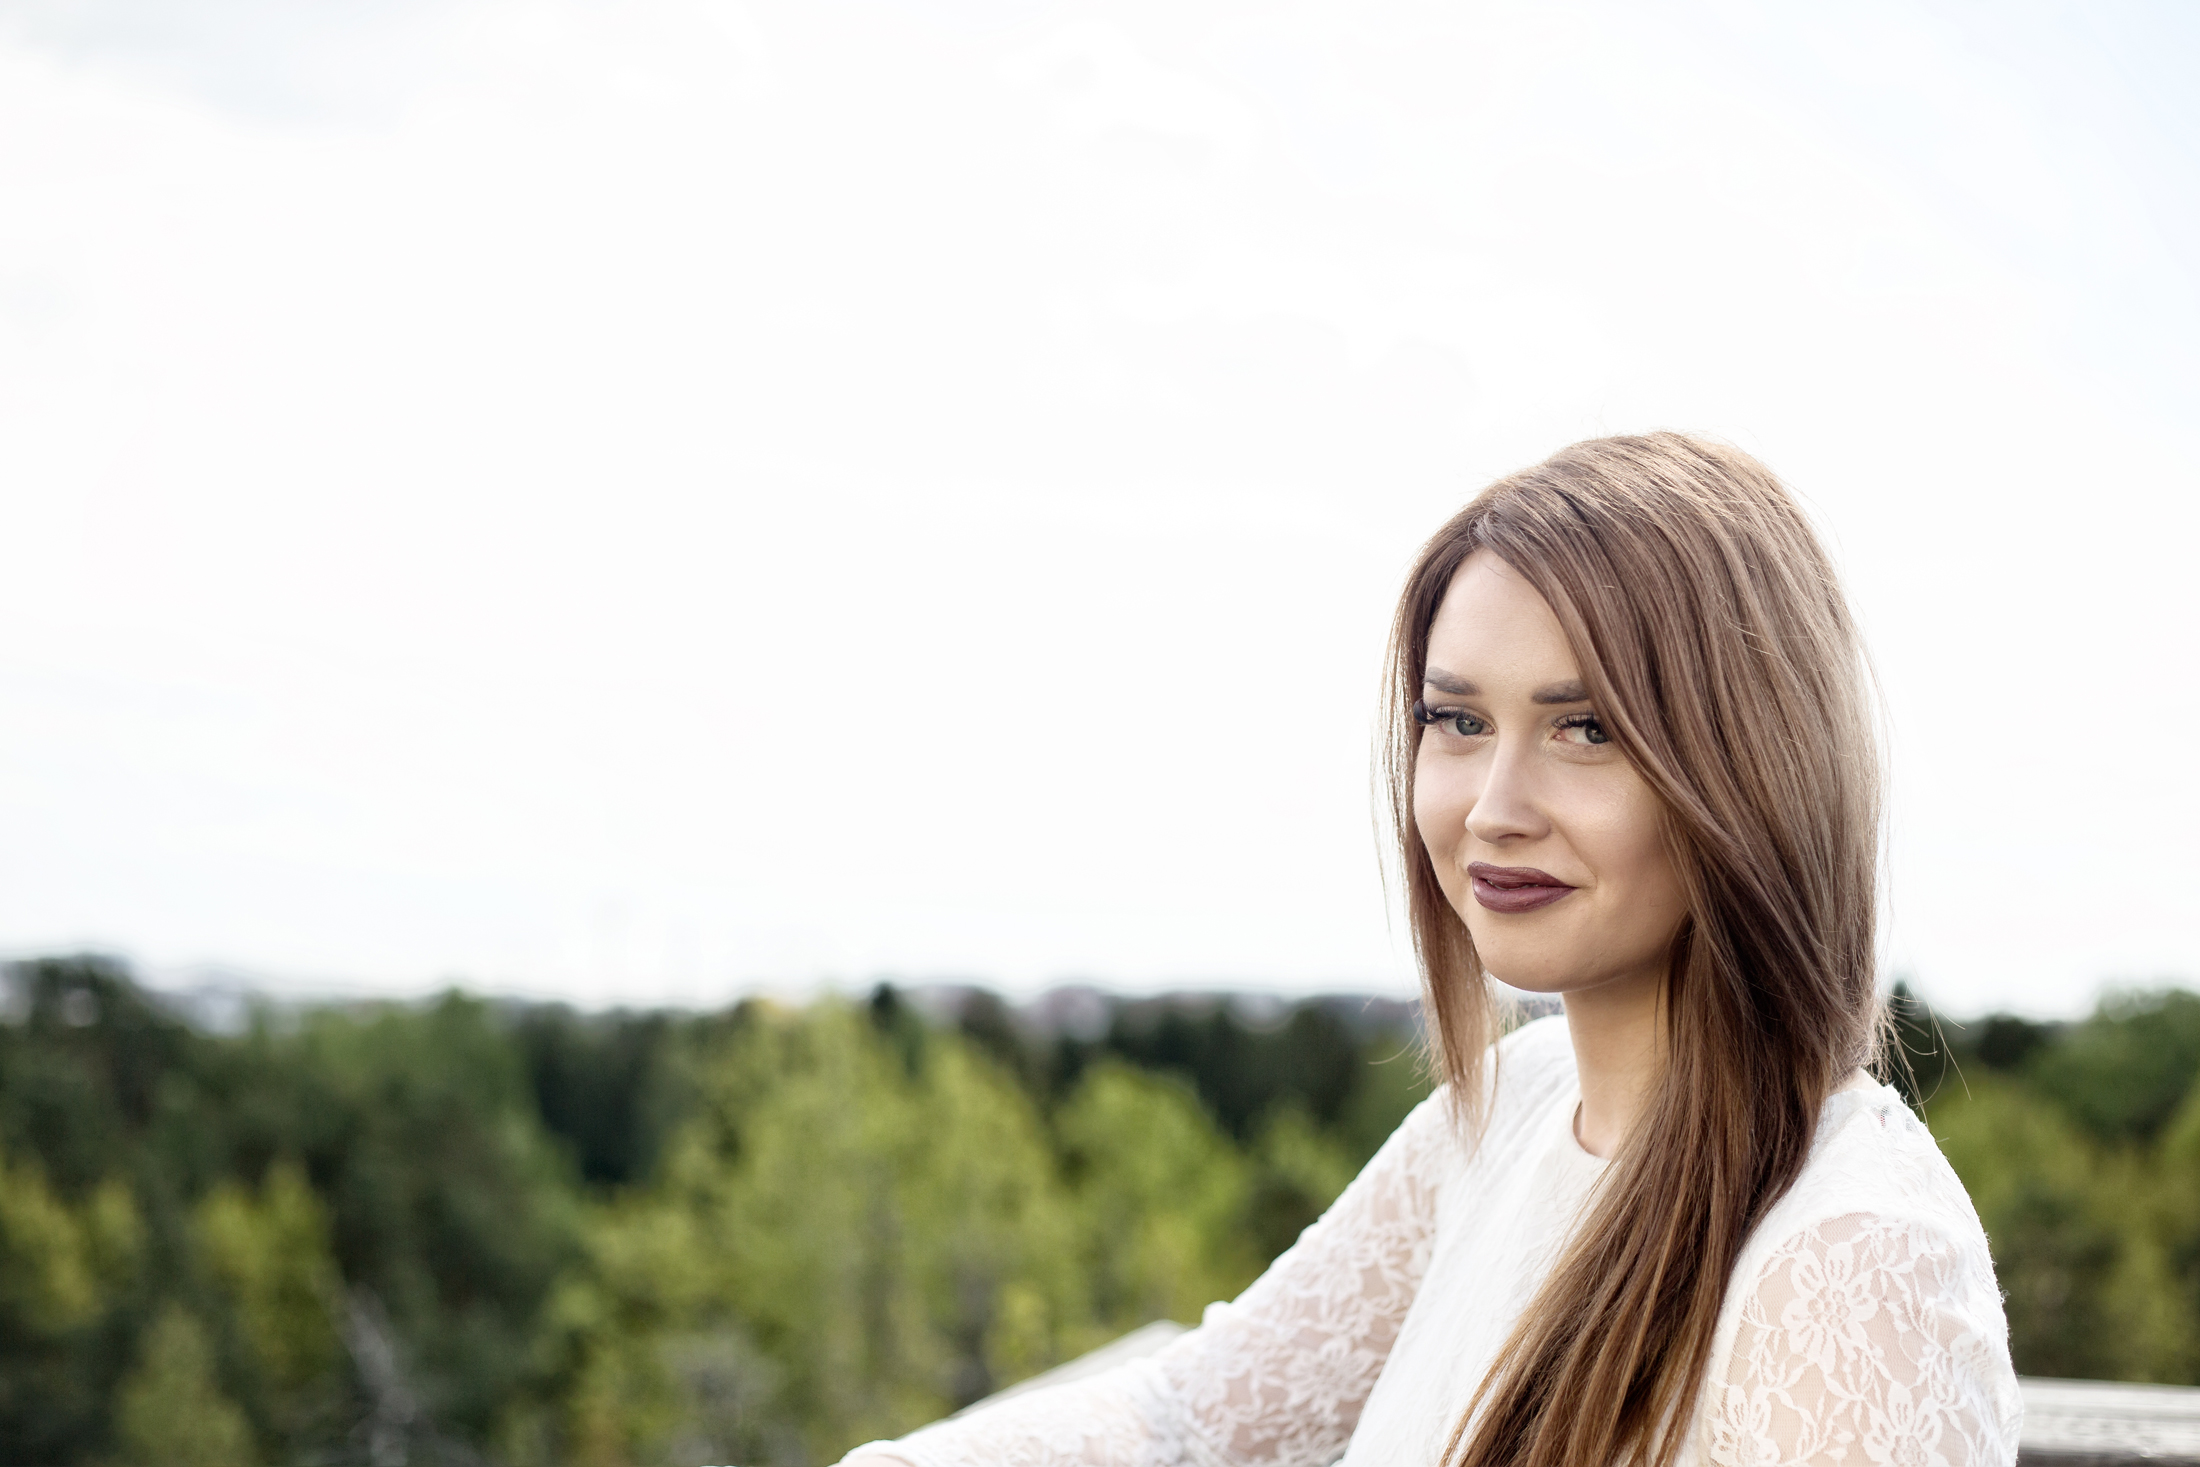 Spotlight on Enni in Portrait Photography by Studio Metsä